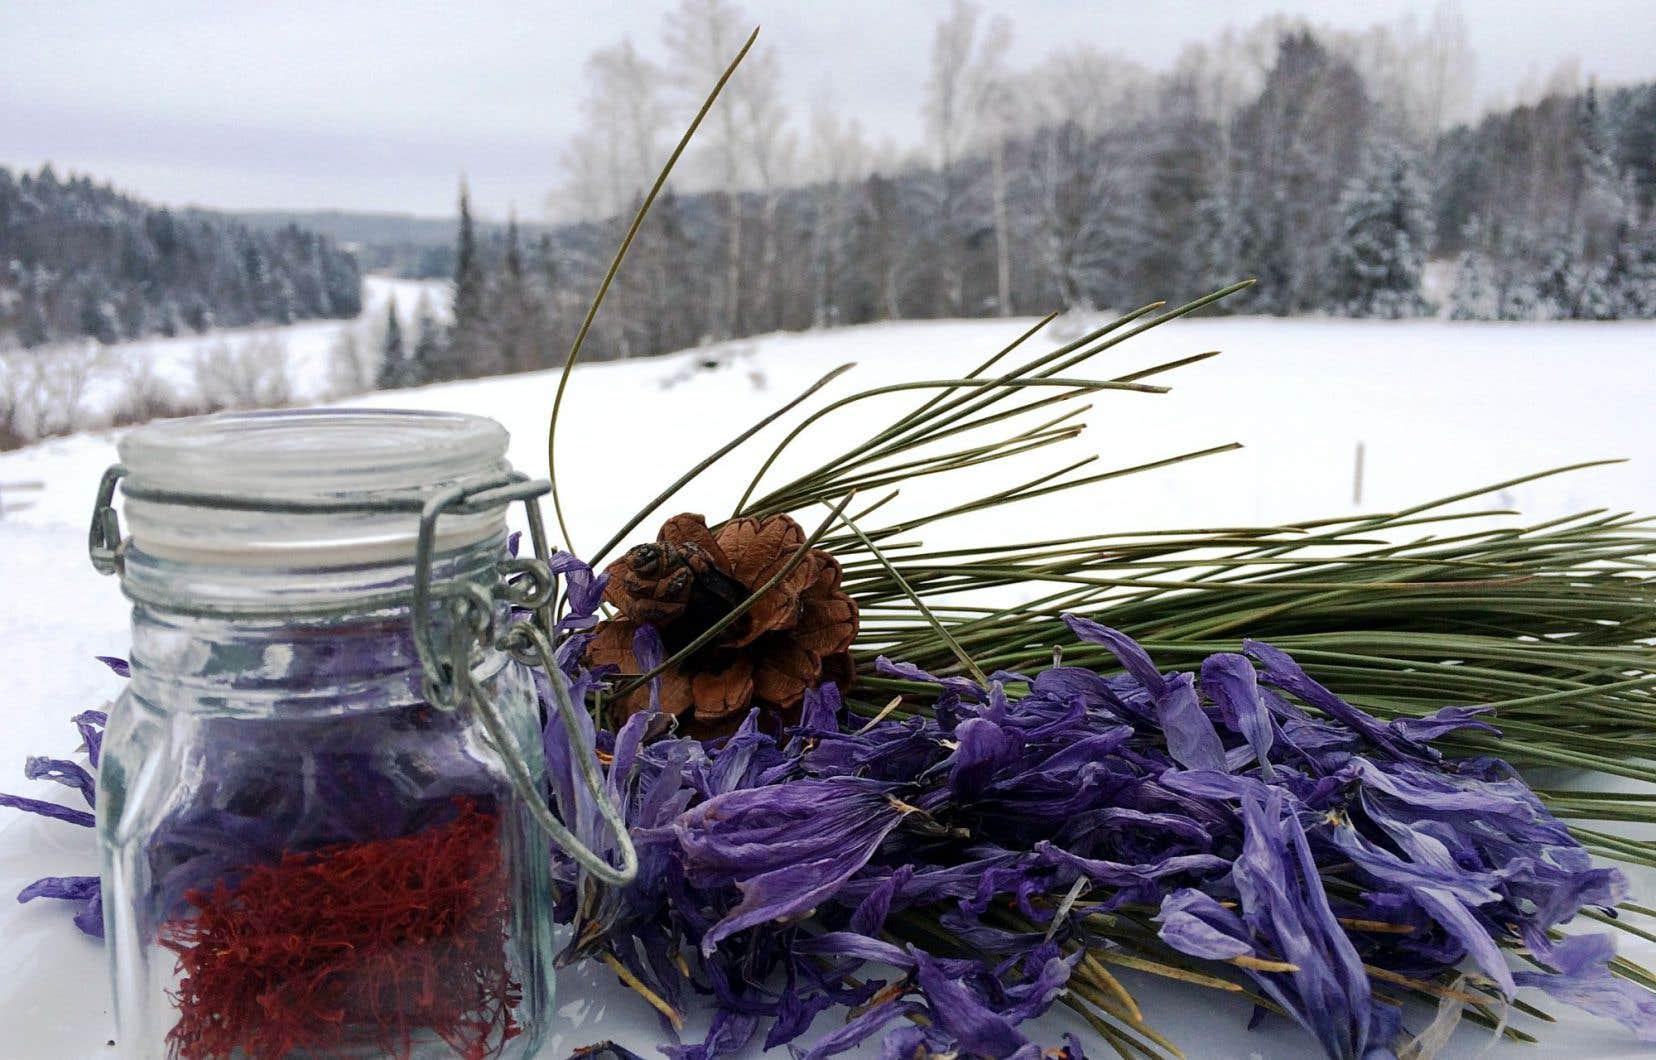 Sous le couvert de neige, les bulbes de safran attendent. Cette plante croît l'hiver, est en dormance l'été et fleurit à l'automne.